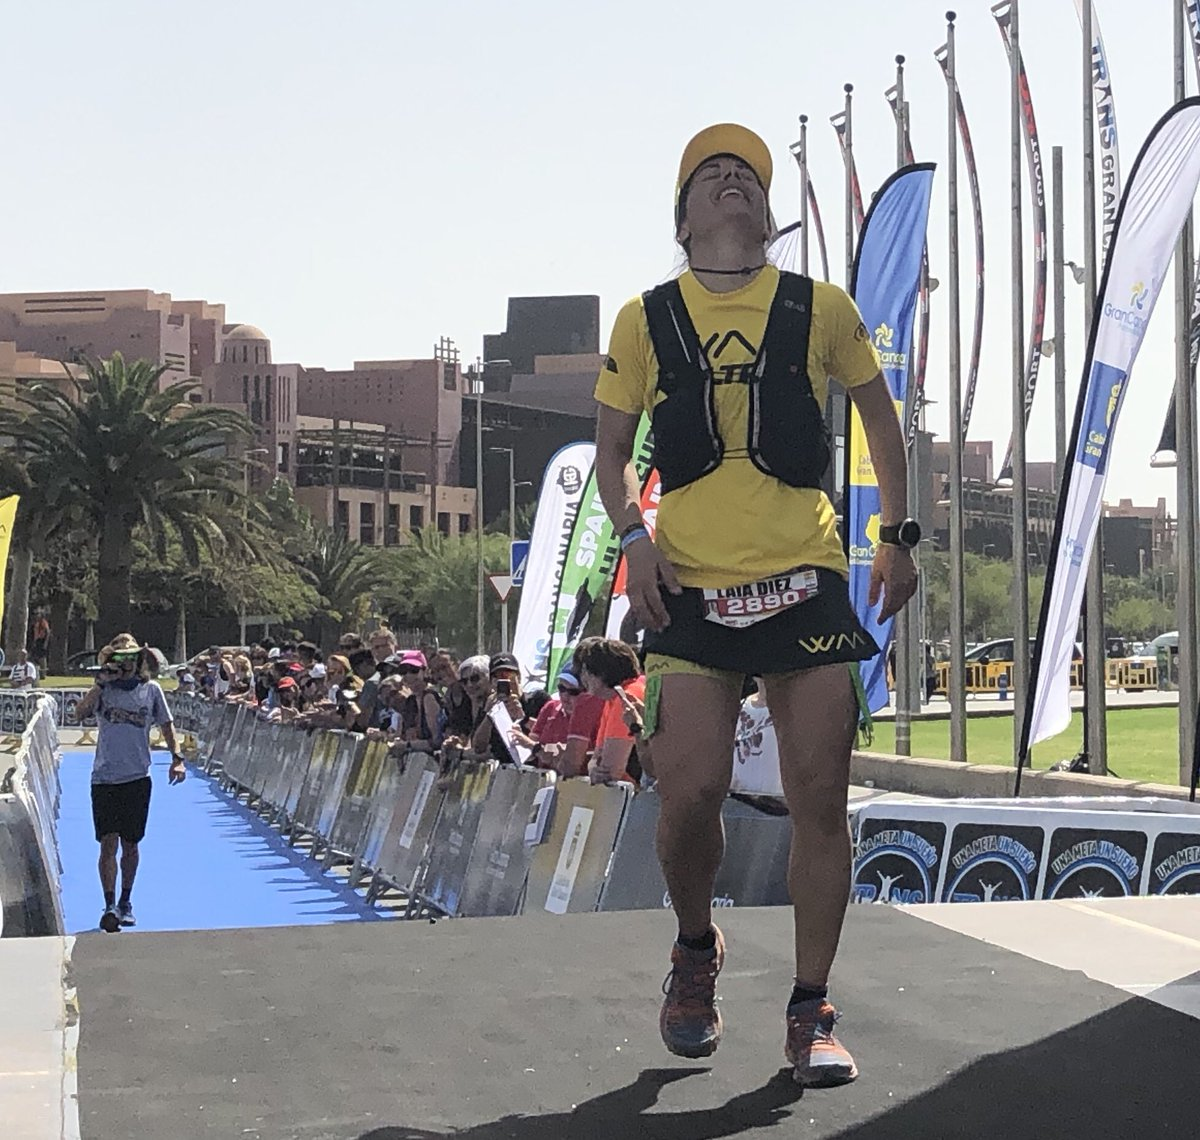 Cuarta maratón #Transgrancanaria llega @Laia_Diez! Bravo. Sigue todo nuestro #TGCenvivo aqui. Crónicas, fotos, videos y más > carrerasdemontana.com/tag/transgranc…